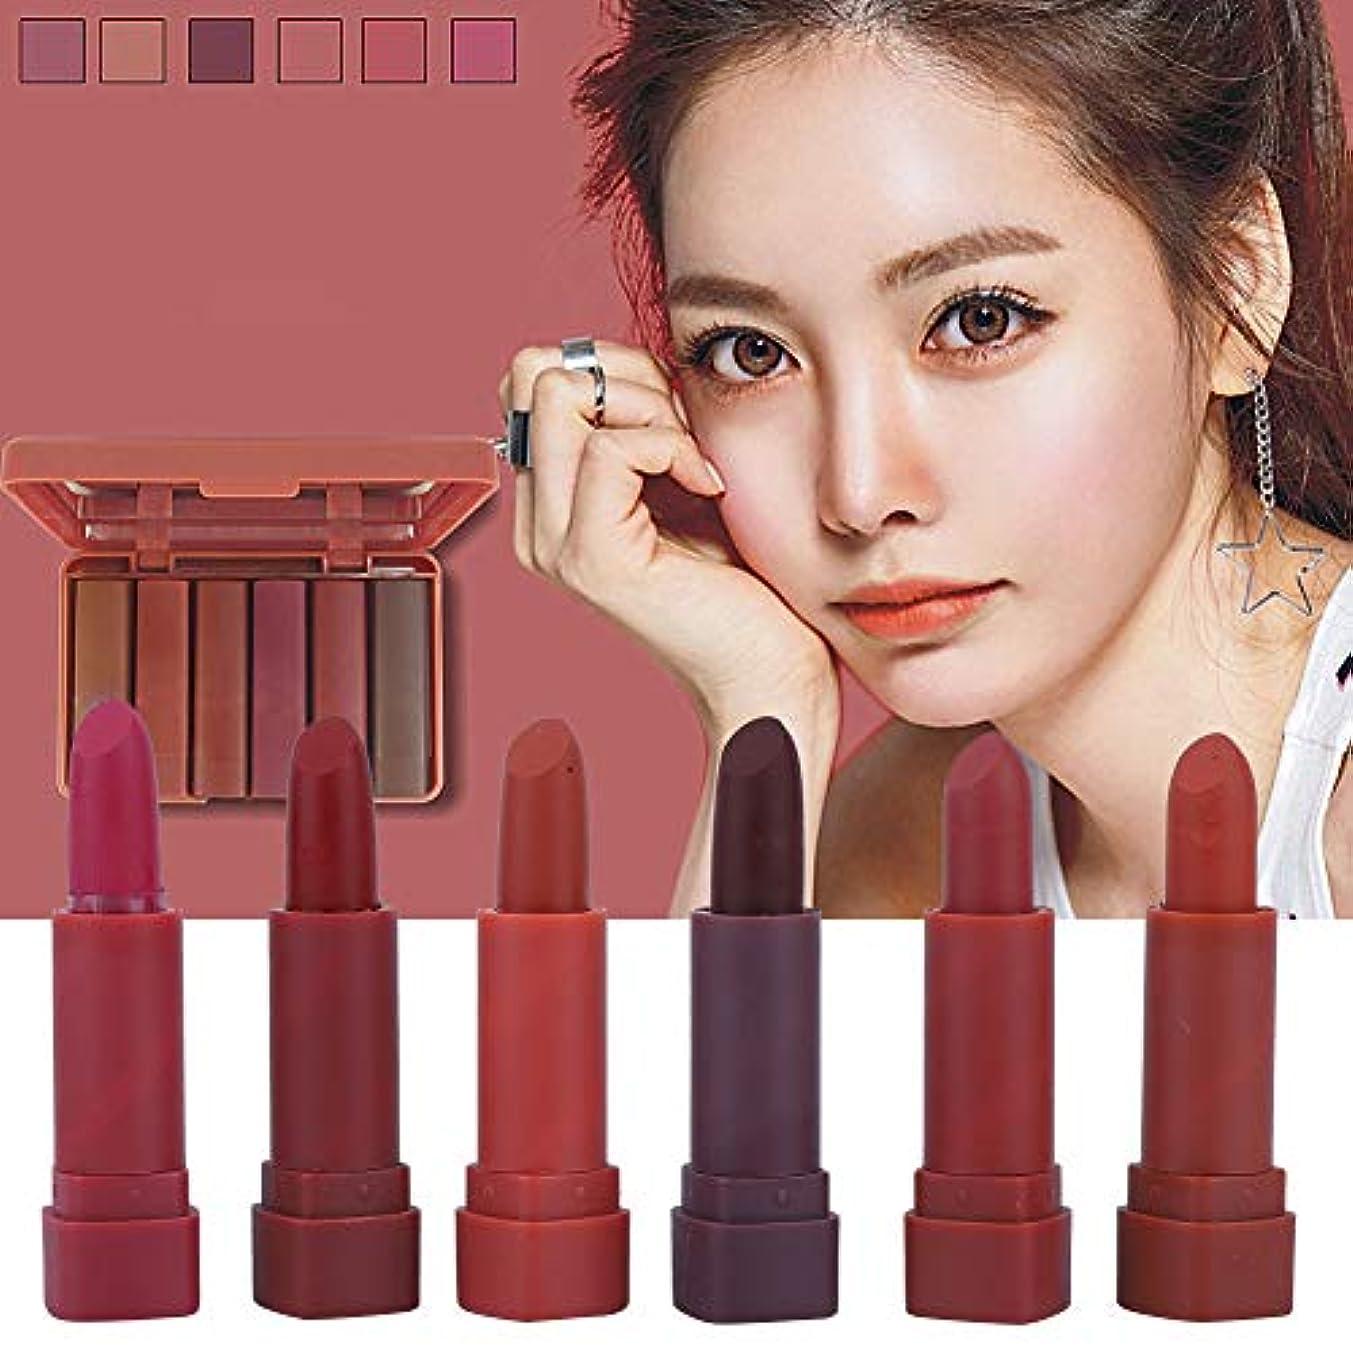 コミットメントフリル努力する6色/セット リップスティック長続きがする自然なローズの香りの唇の化粧品